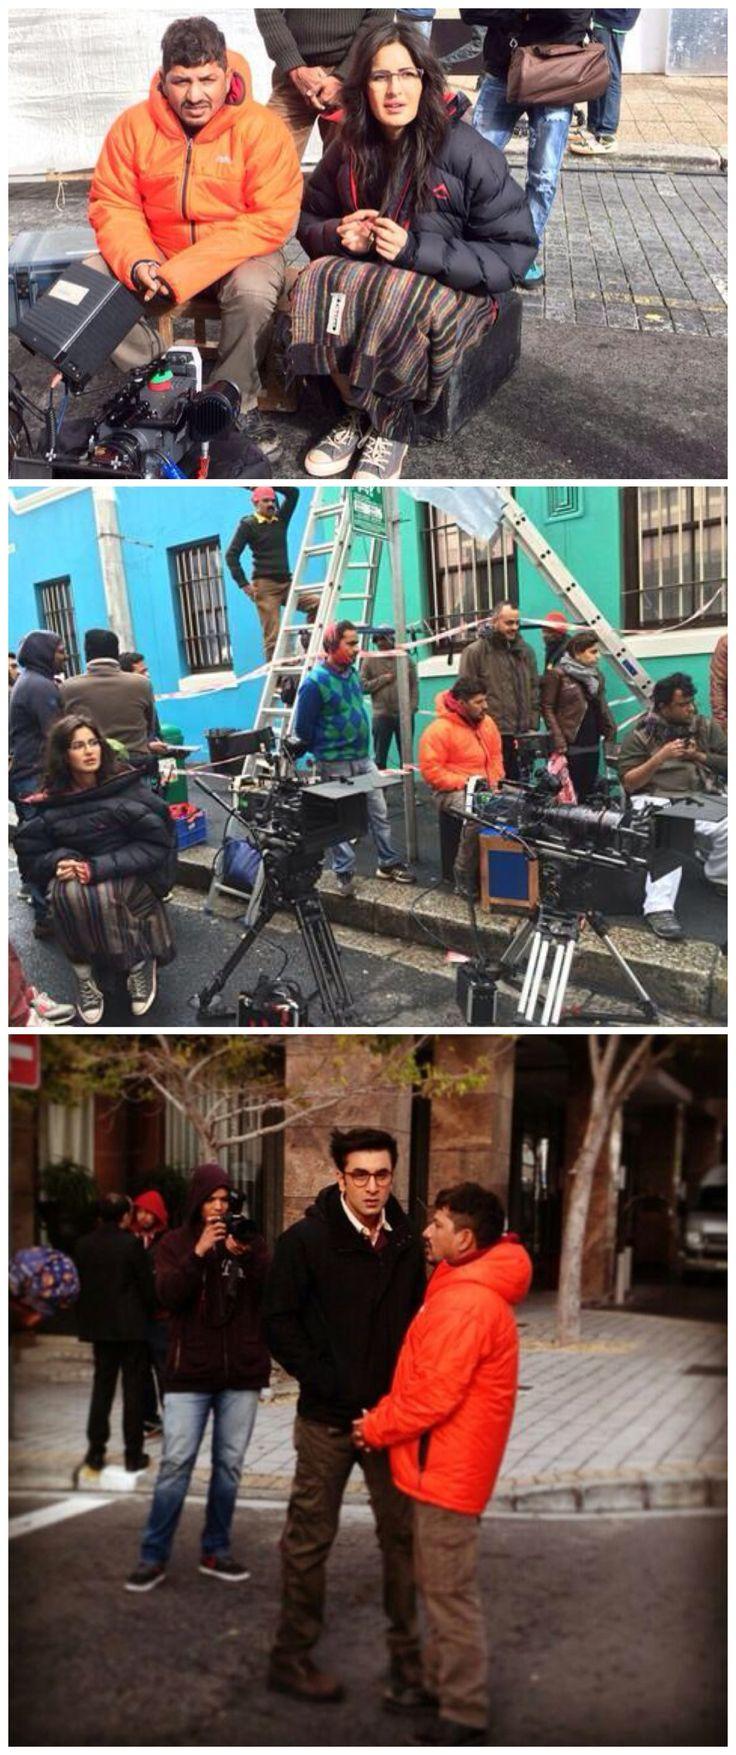 Ranbir kapoor on jagga jasoos i katrina kaif anurag basu have worked very hard on it the indian express - Jagga Jasoos Ranbir Kapoor And Katrina Kaif Shoot In Cape Town